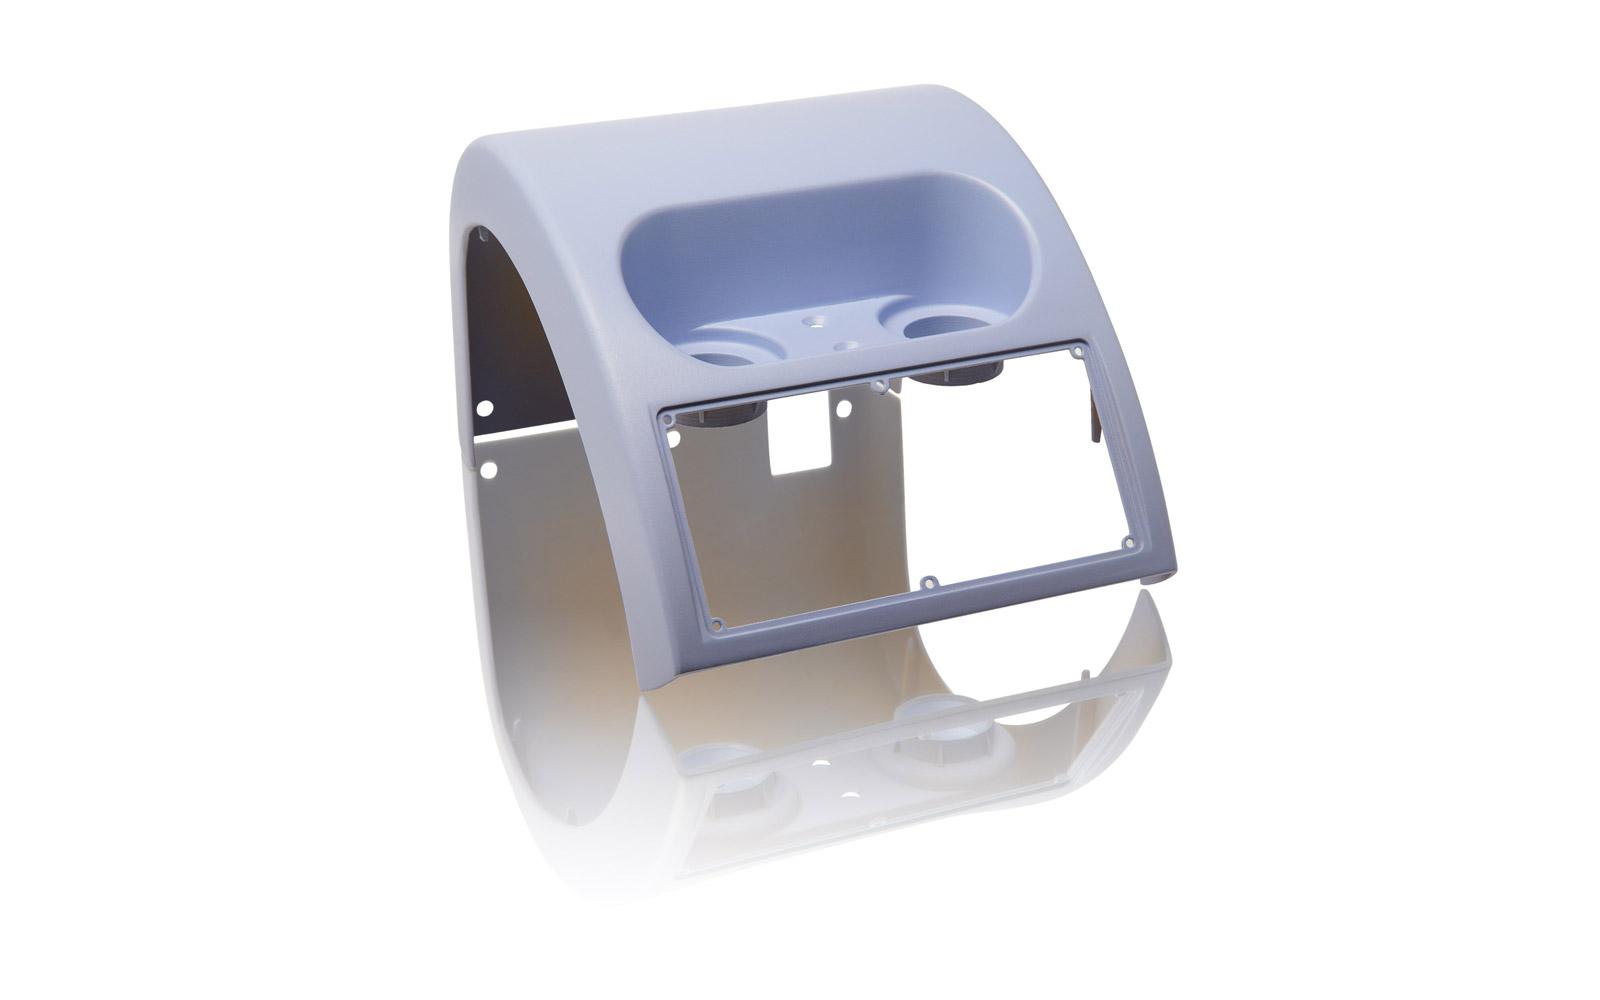 Einfachste, schnellste und kostengünstigste Herstellung von Kunststoffformteilen in kleinen Stückzahlen